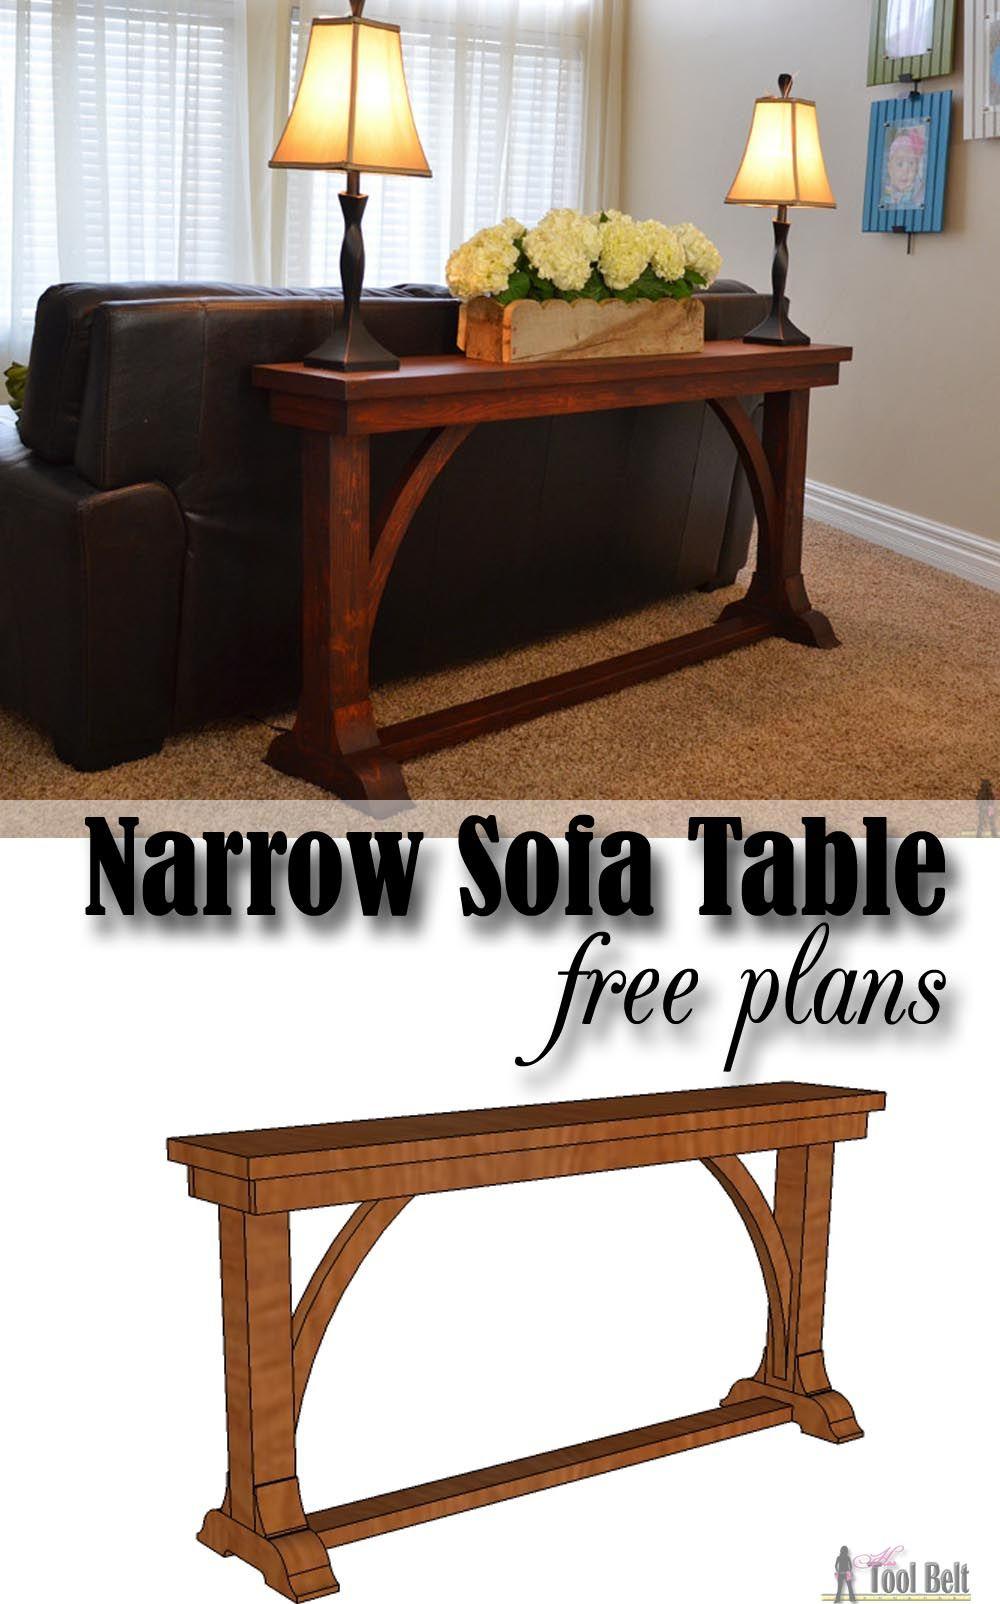 Narrow Sofa Table Idei Dlya Ukrasheniya Mebelnye Proekty Idei Domashnego Dekora